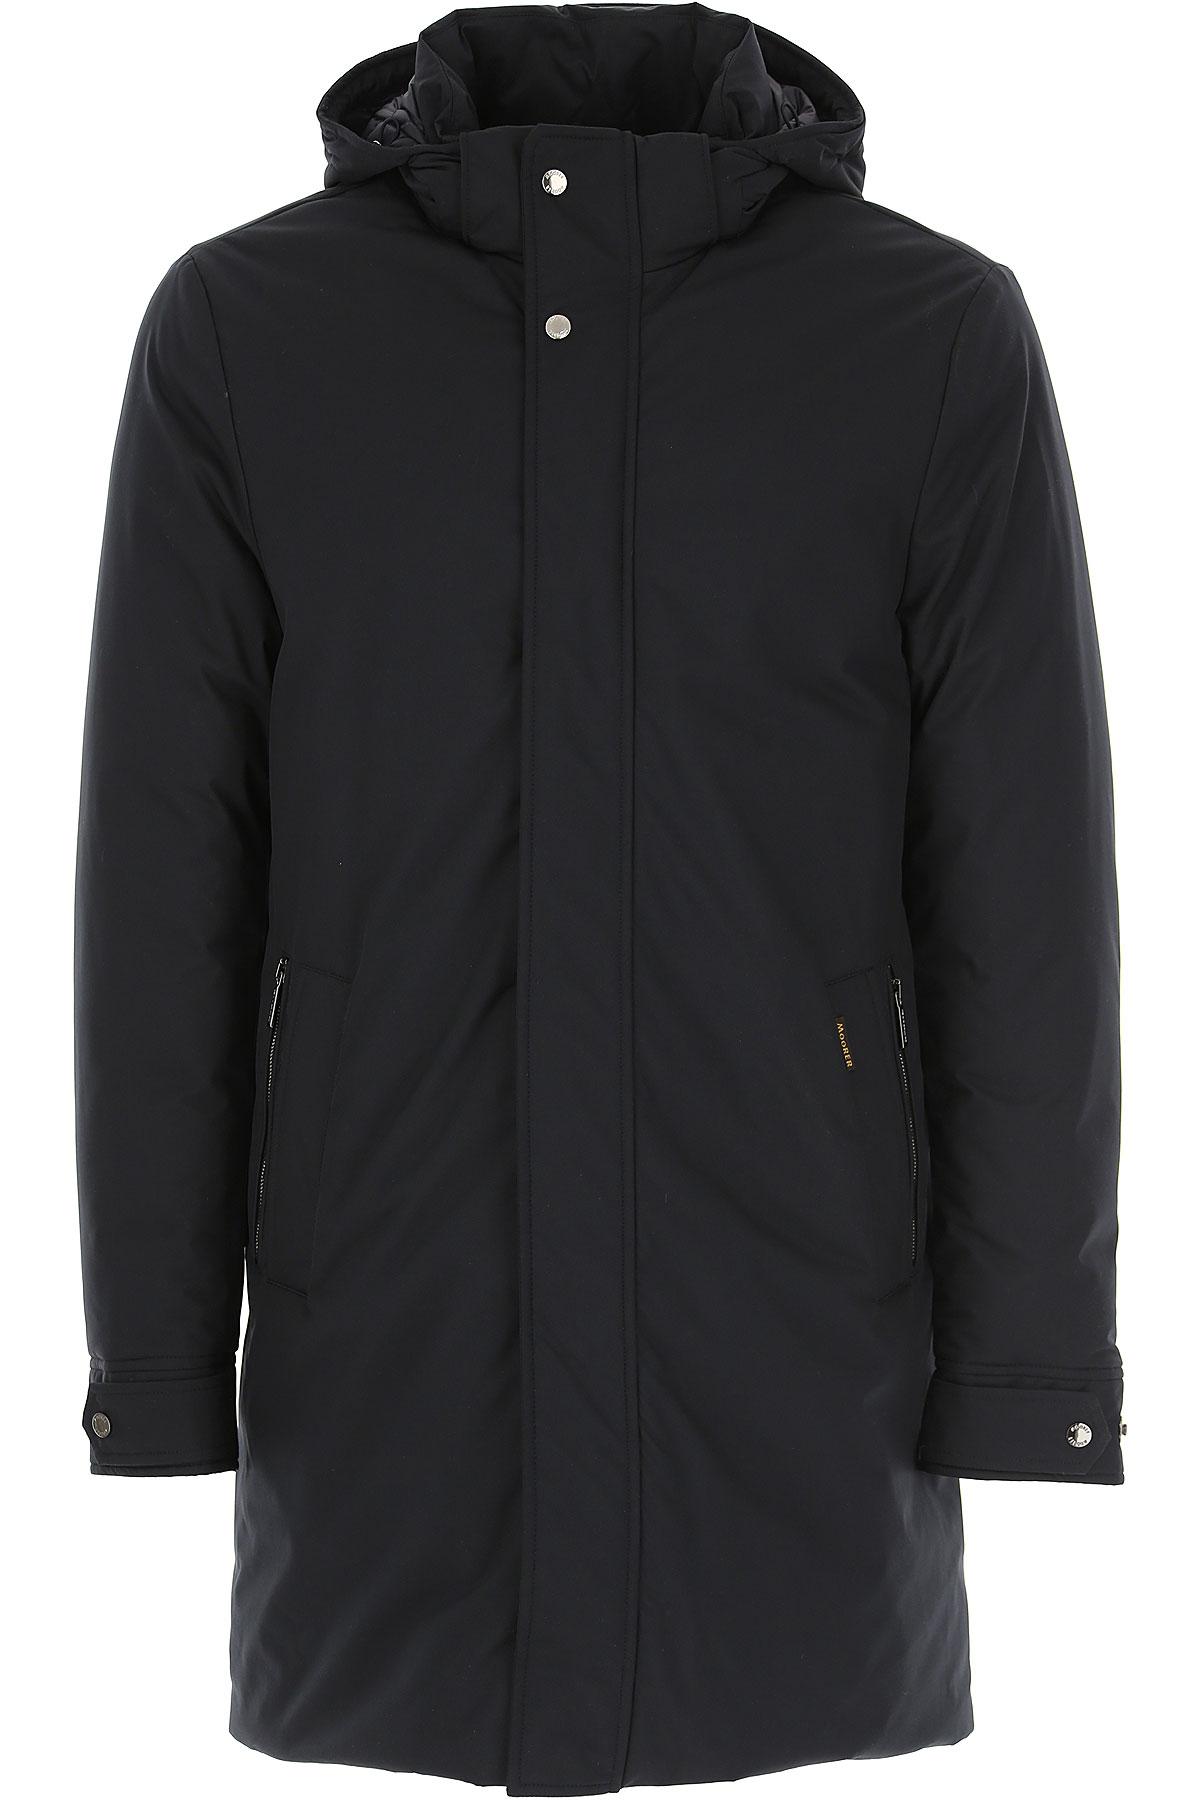 Moorer Down Jacket for Men, Puffer Ski Jacket On Sale, Ink Blue, polyamide, 2019, XL